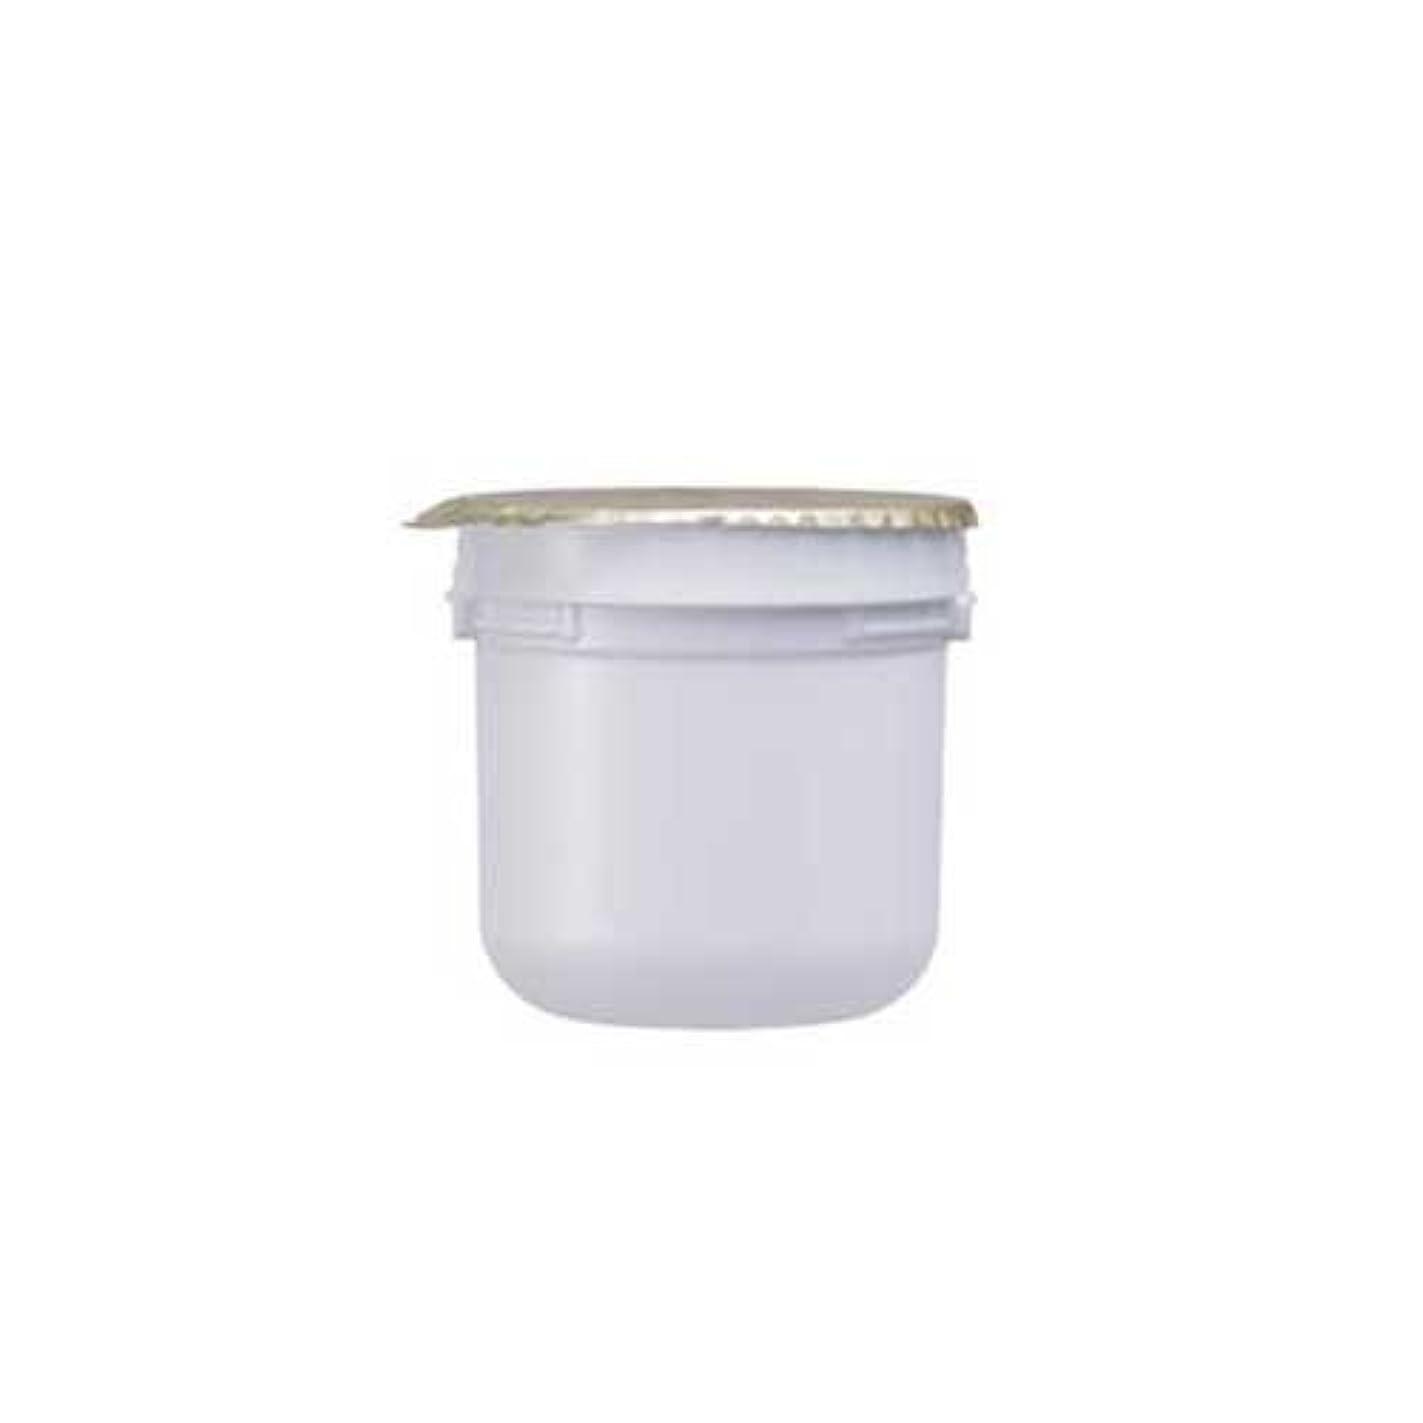 仮説樫の木ディプロマASTALIFT(アスタリフト) ホワイト クリーム(美白クリーム)レフィル 30g